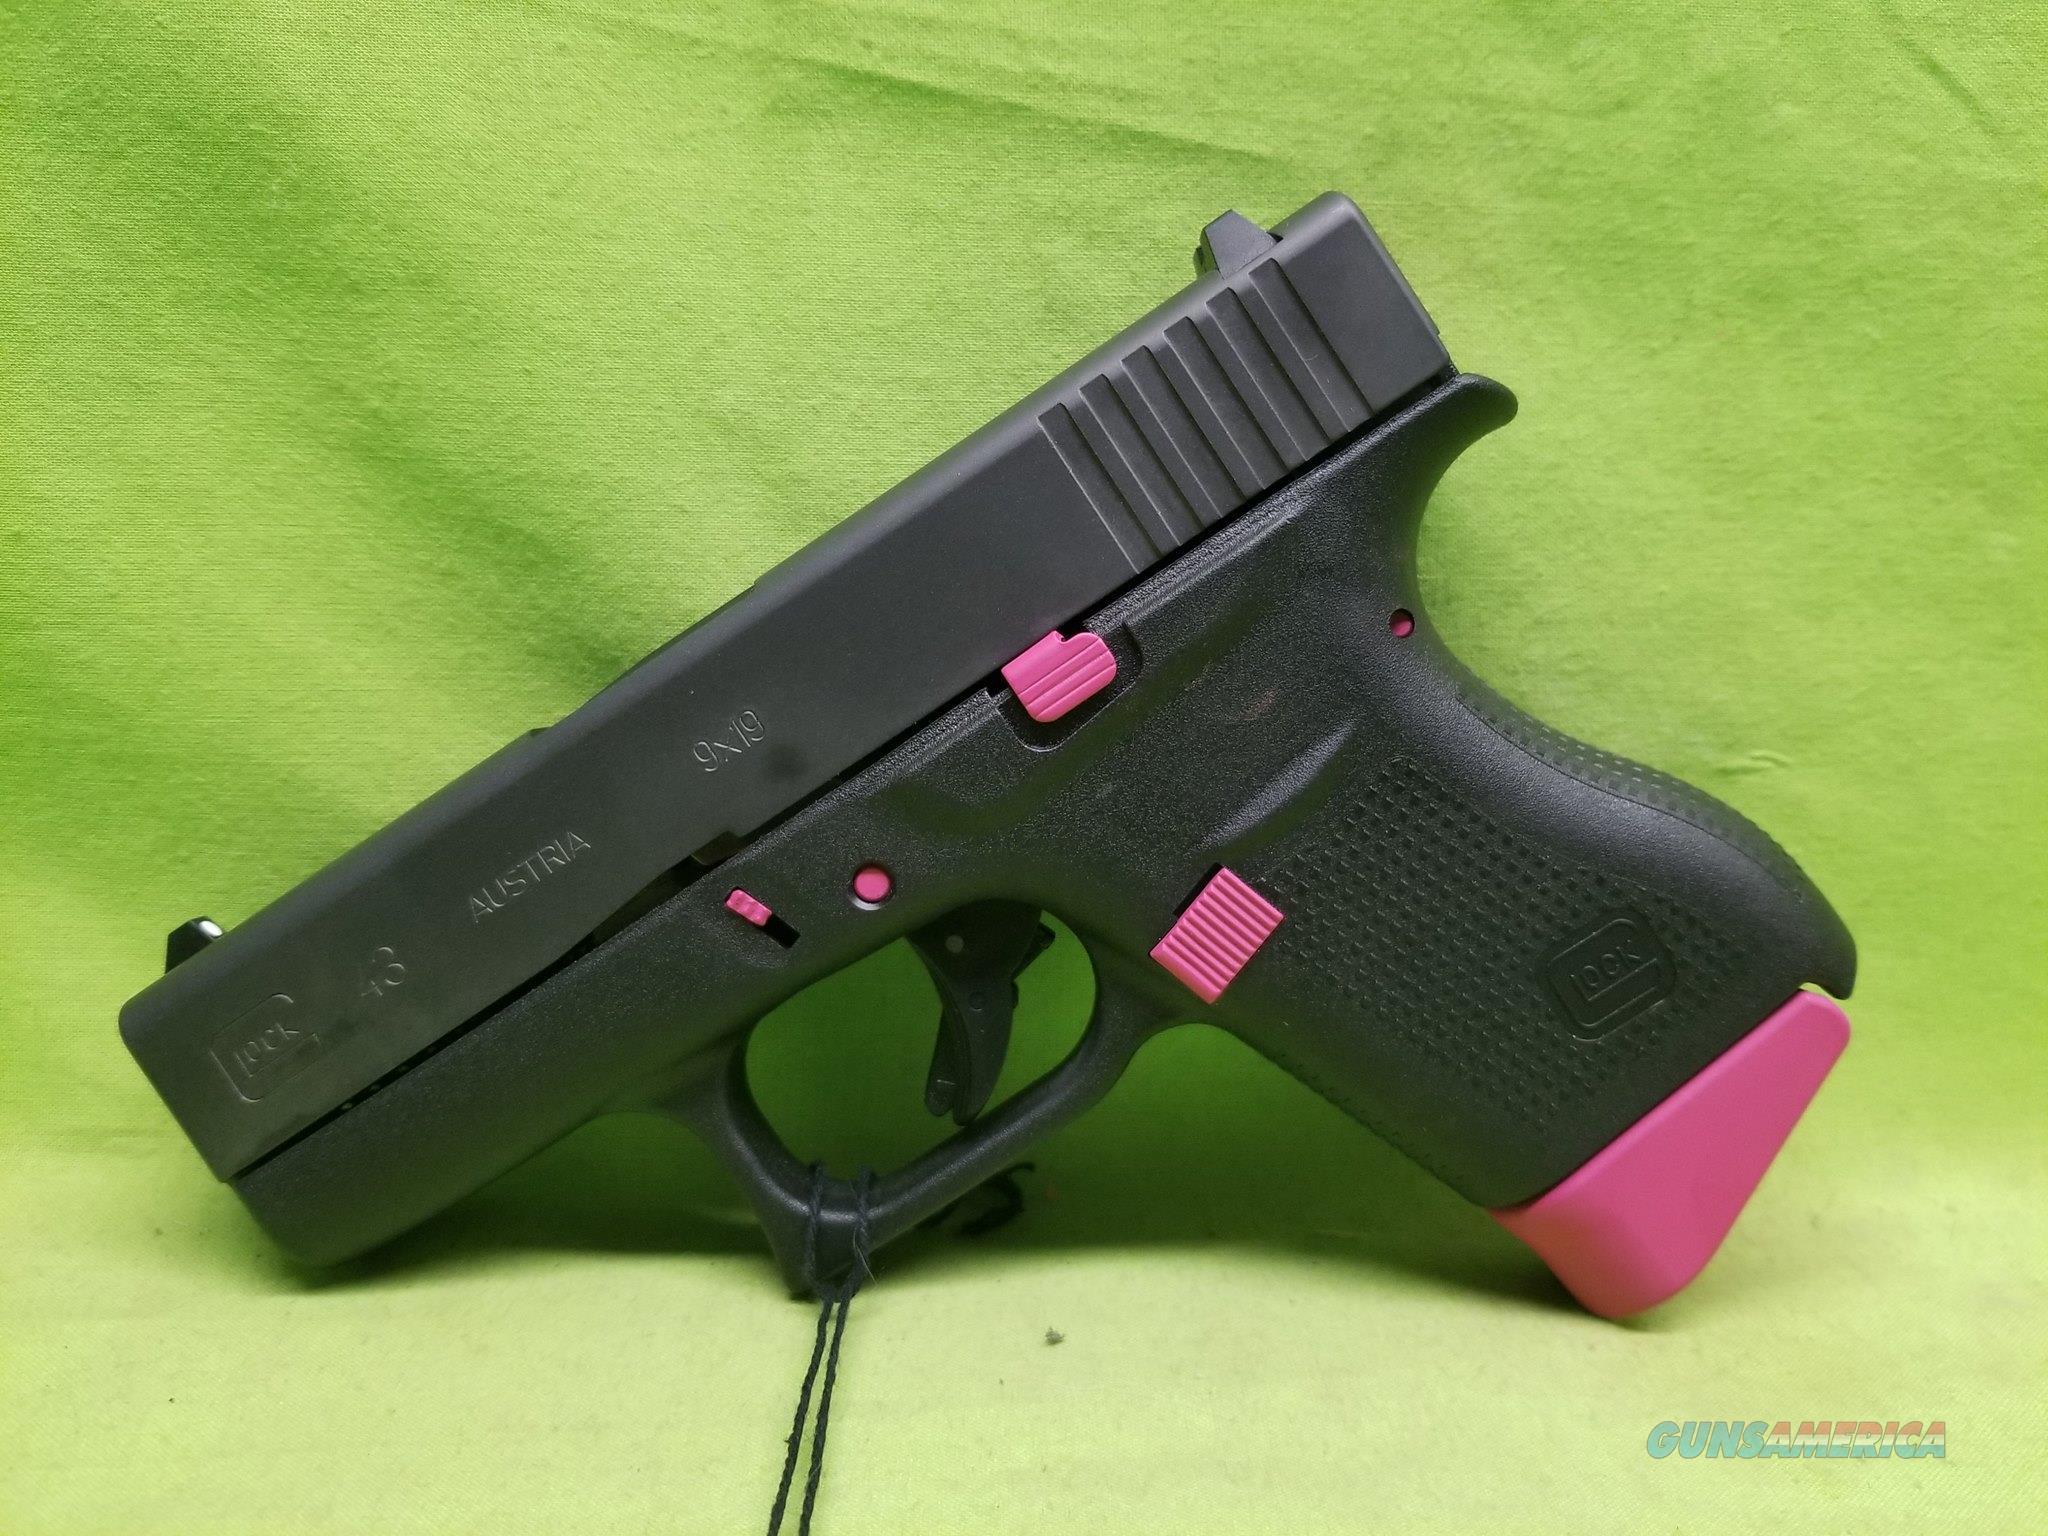 """GLOCK 43 9 9MM 6RD 3.39"""" SIG PINK CUSTOM CERAKOTE  Guns > Pistols > Glock Pistols > 42"""